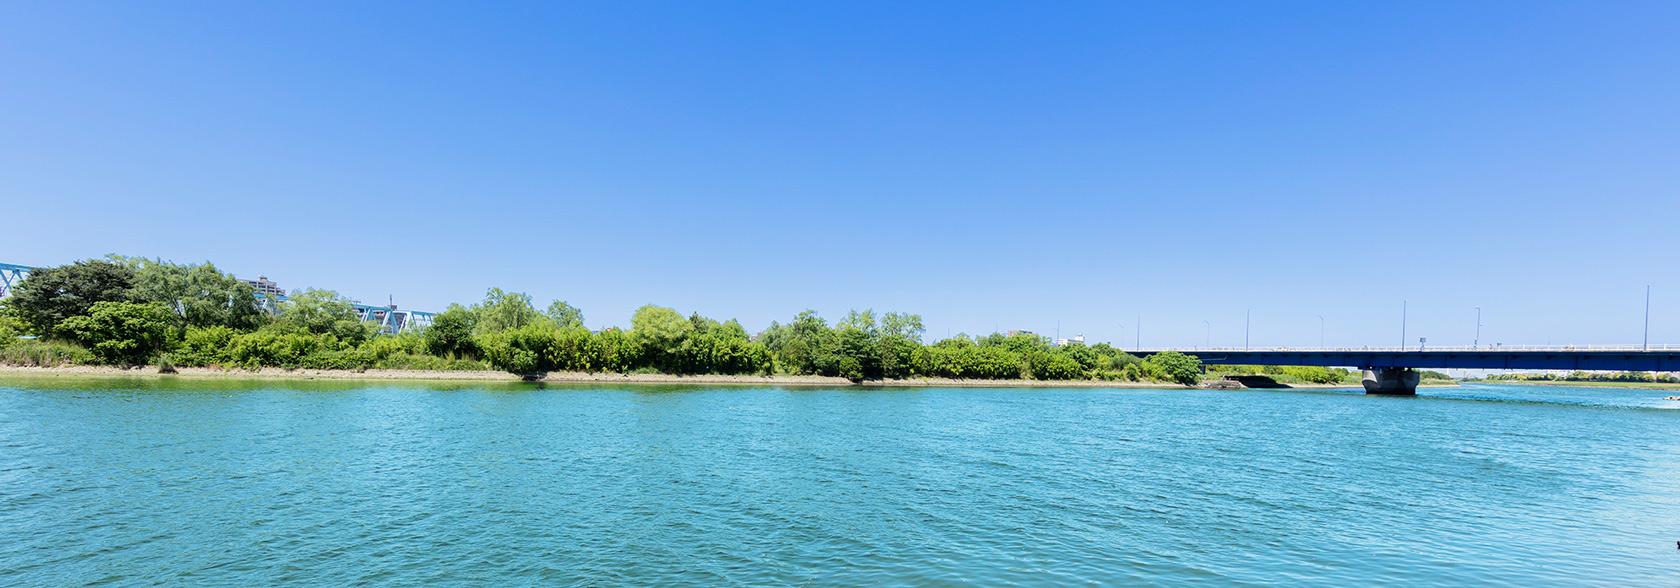 きれいな川の画像